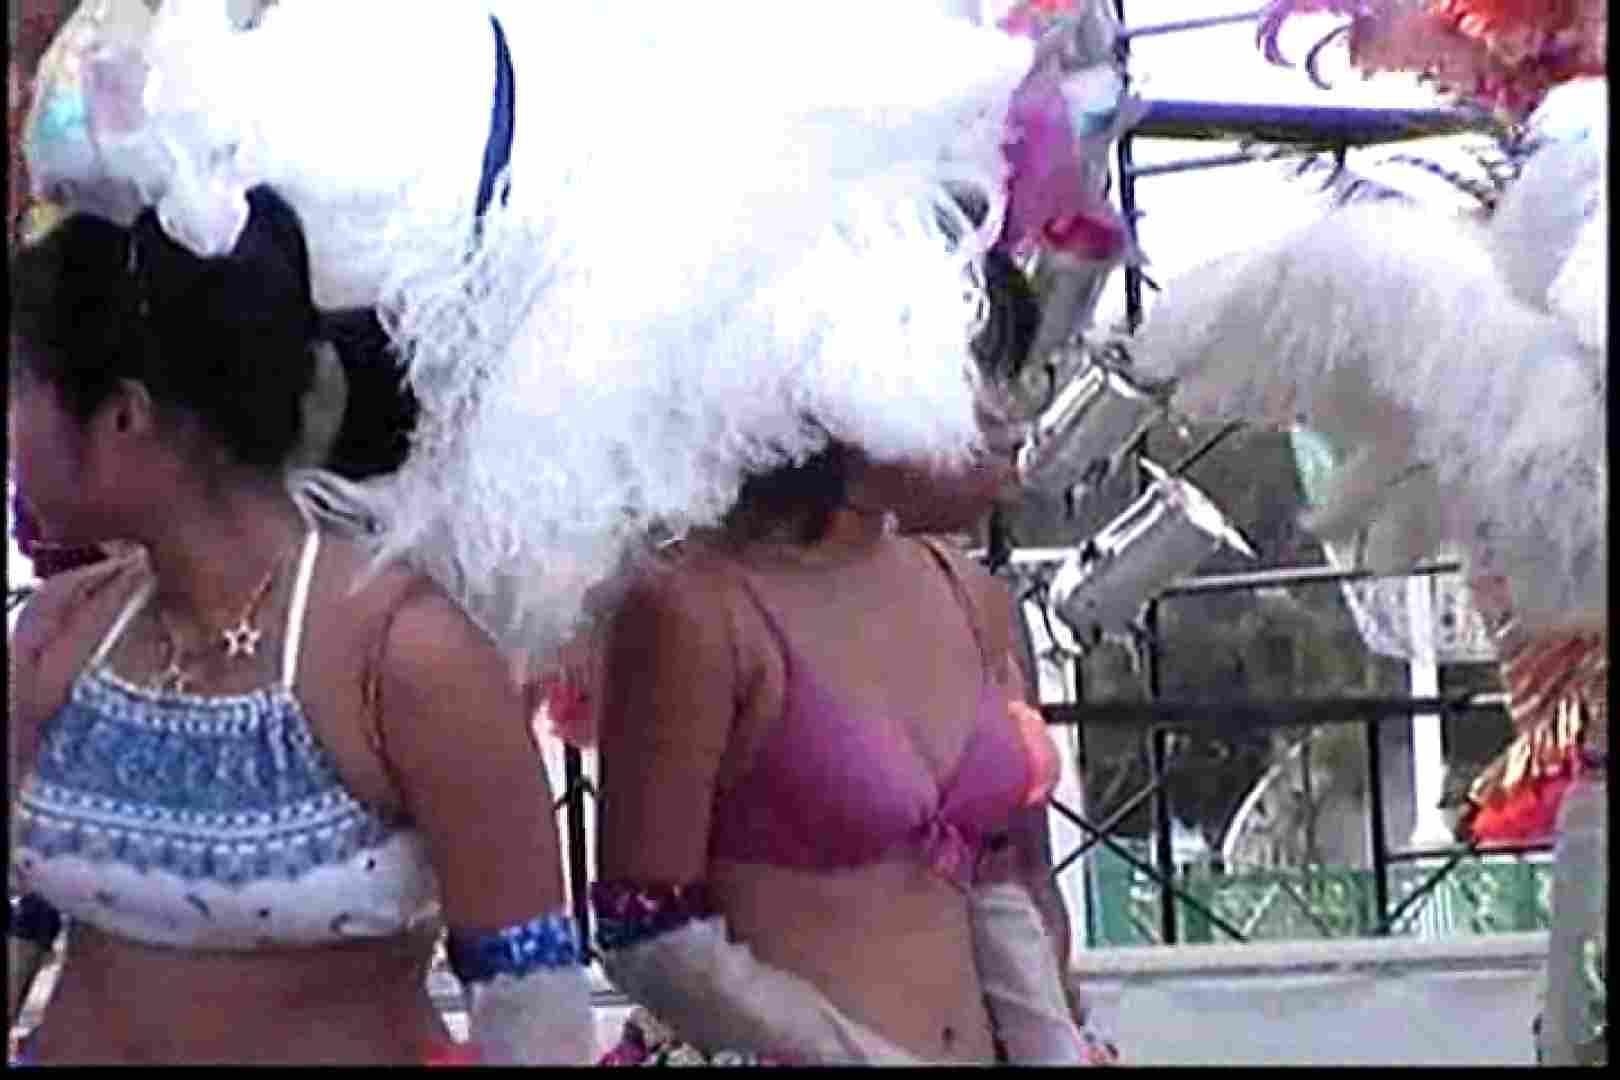 狂乱のサンバカーニバルVol.4 ギャルエロ画像 AV無料動画キャプチャ 113PICs 50